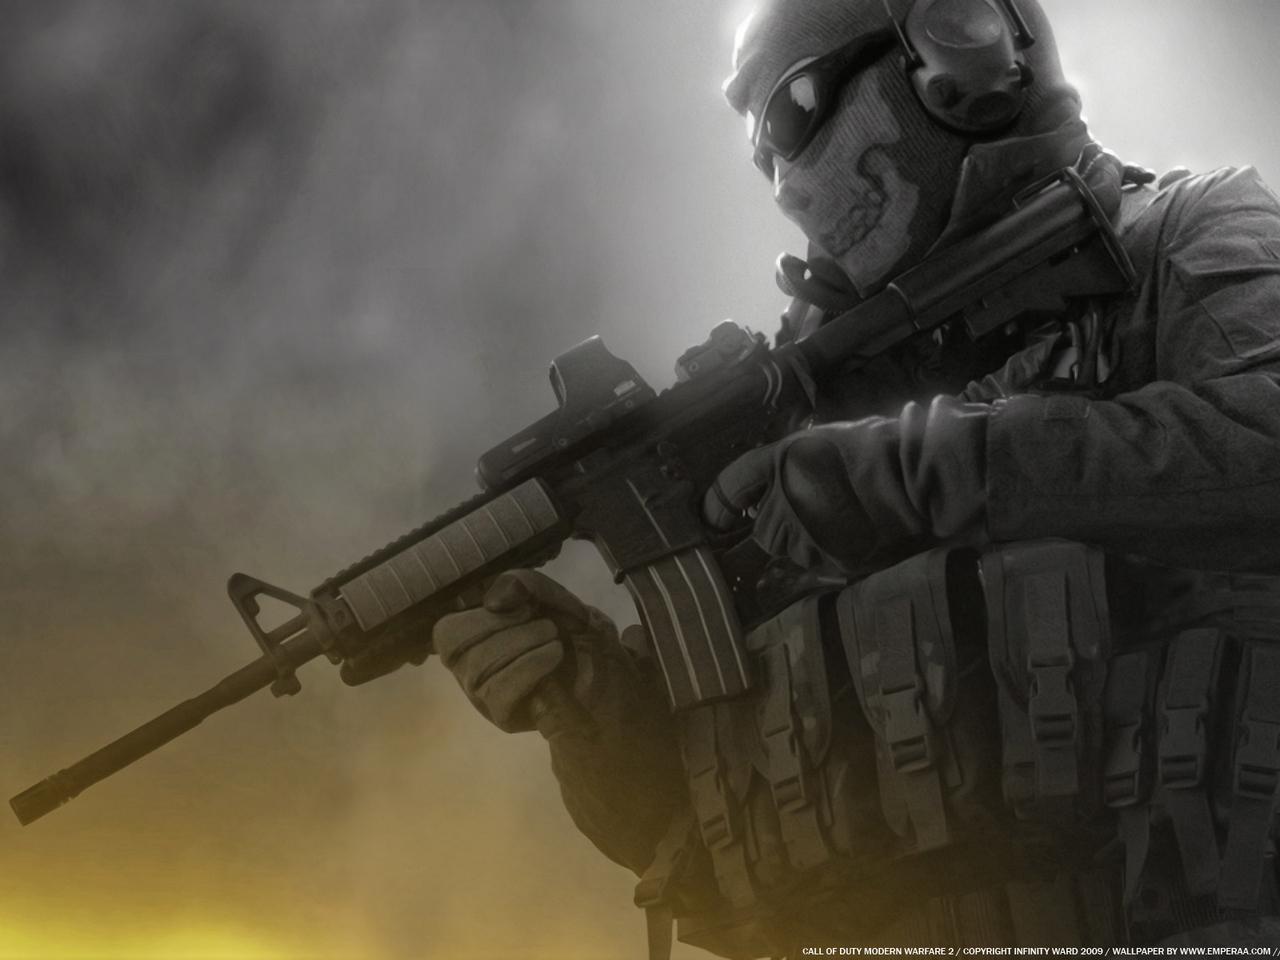 11843 Hintergrundbild herunterladen Spiele, Menschen, Call Of Duty (Cod) - Bildschirmschoner und Bilder kostenlos